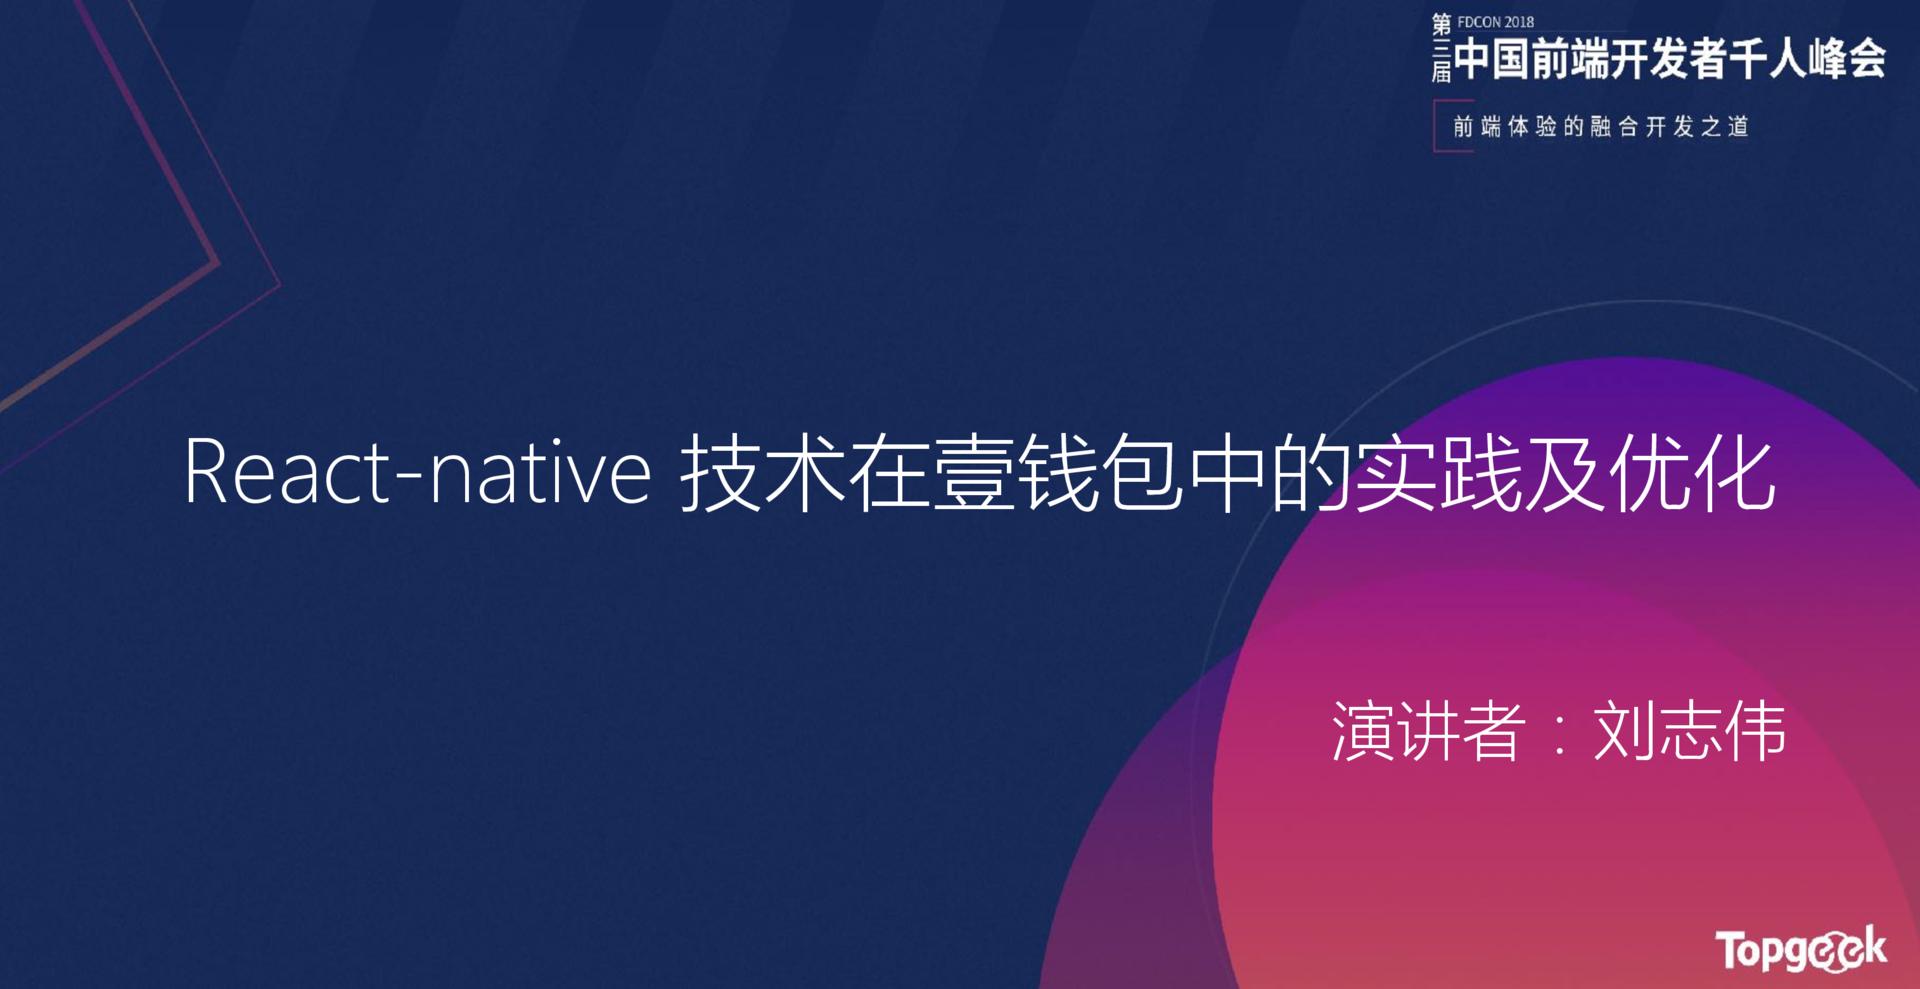 分会场1-5-刘志伟-react-native 技术在壹钱包中的实践及优化